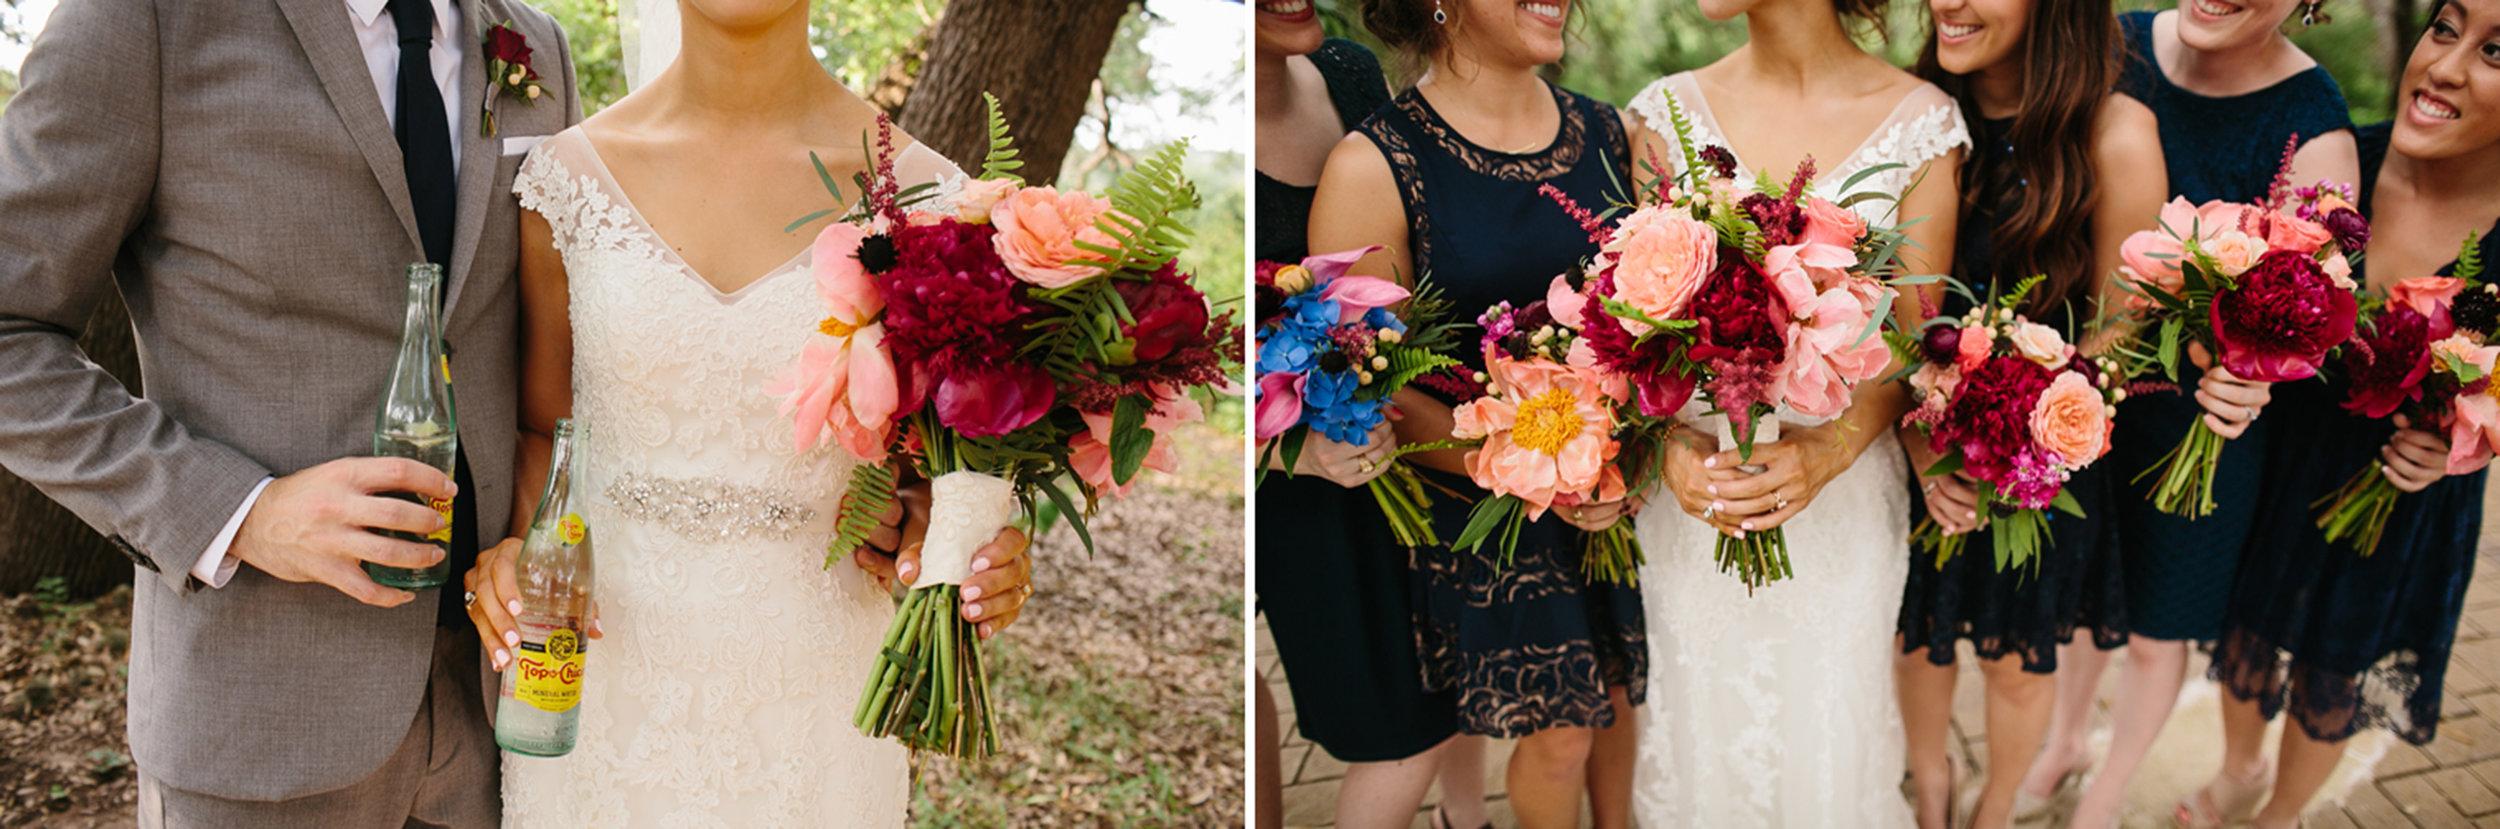 Austin_WeddingPhotographerWARRWEDDING014.jpg